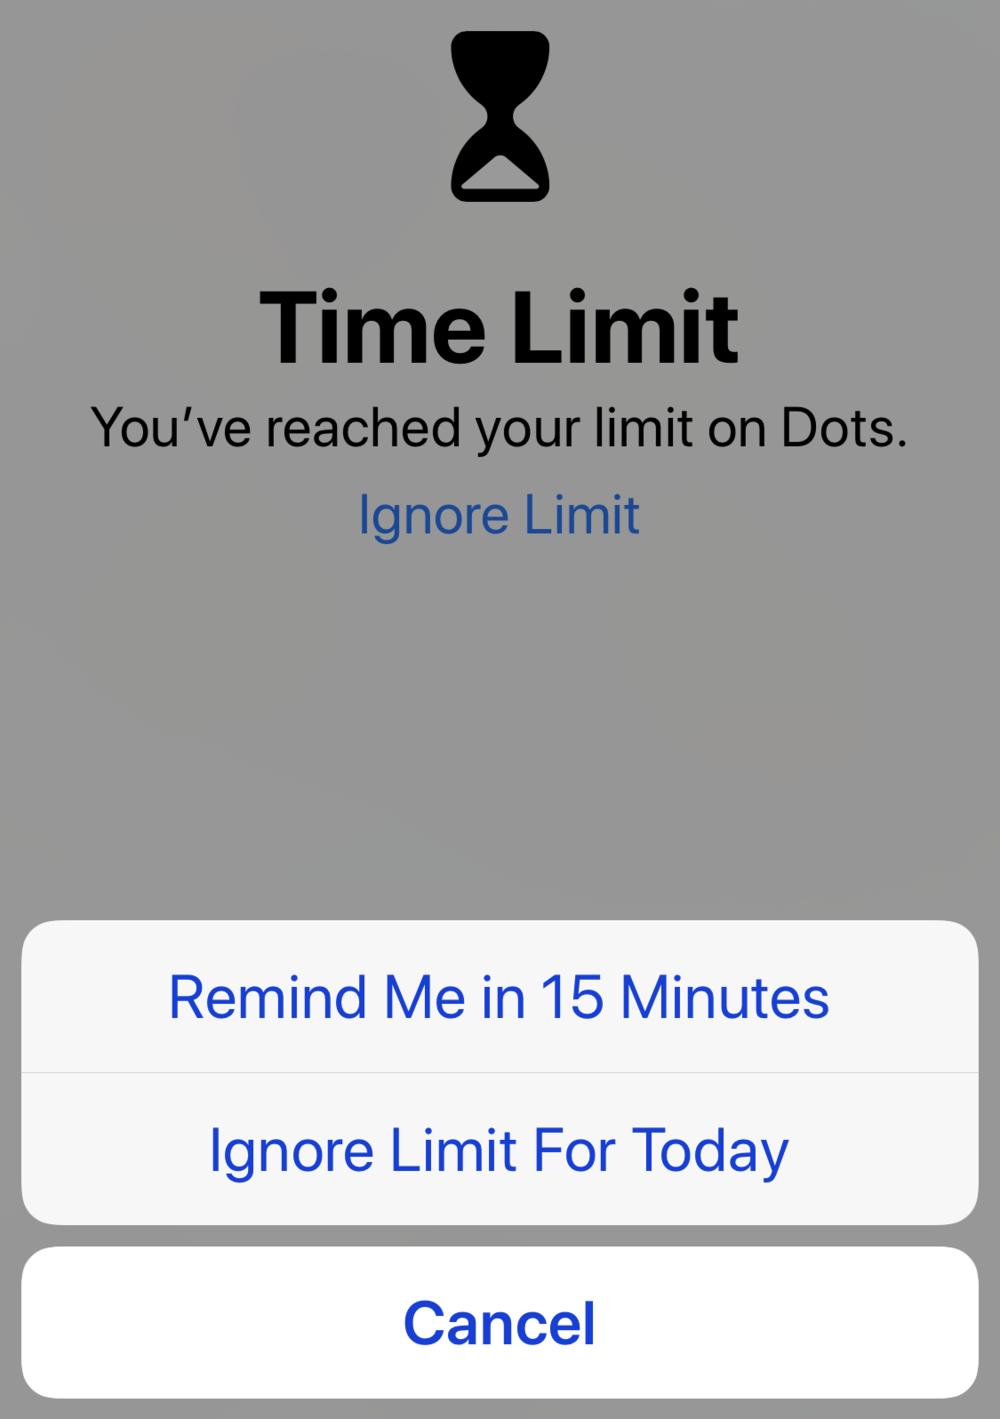 iOS-12-App-Limits.png